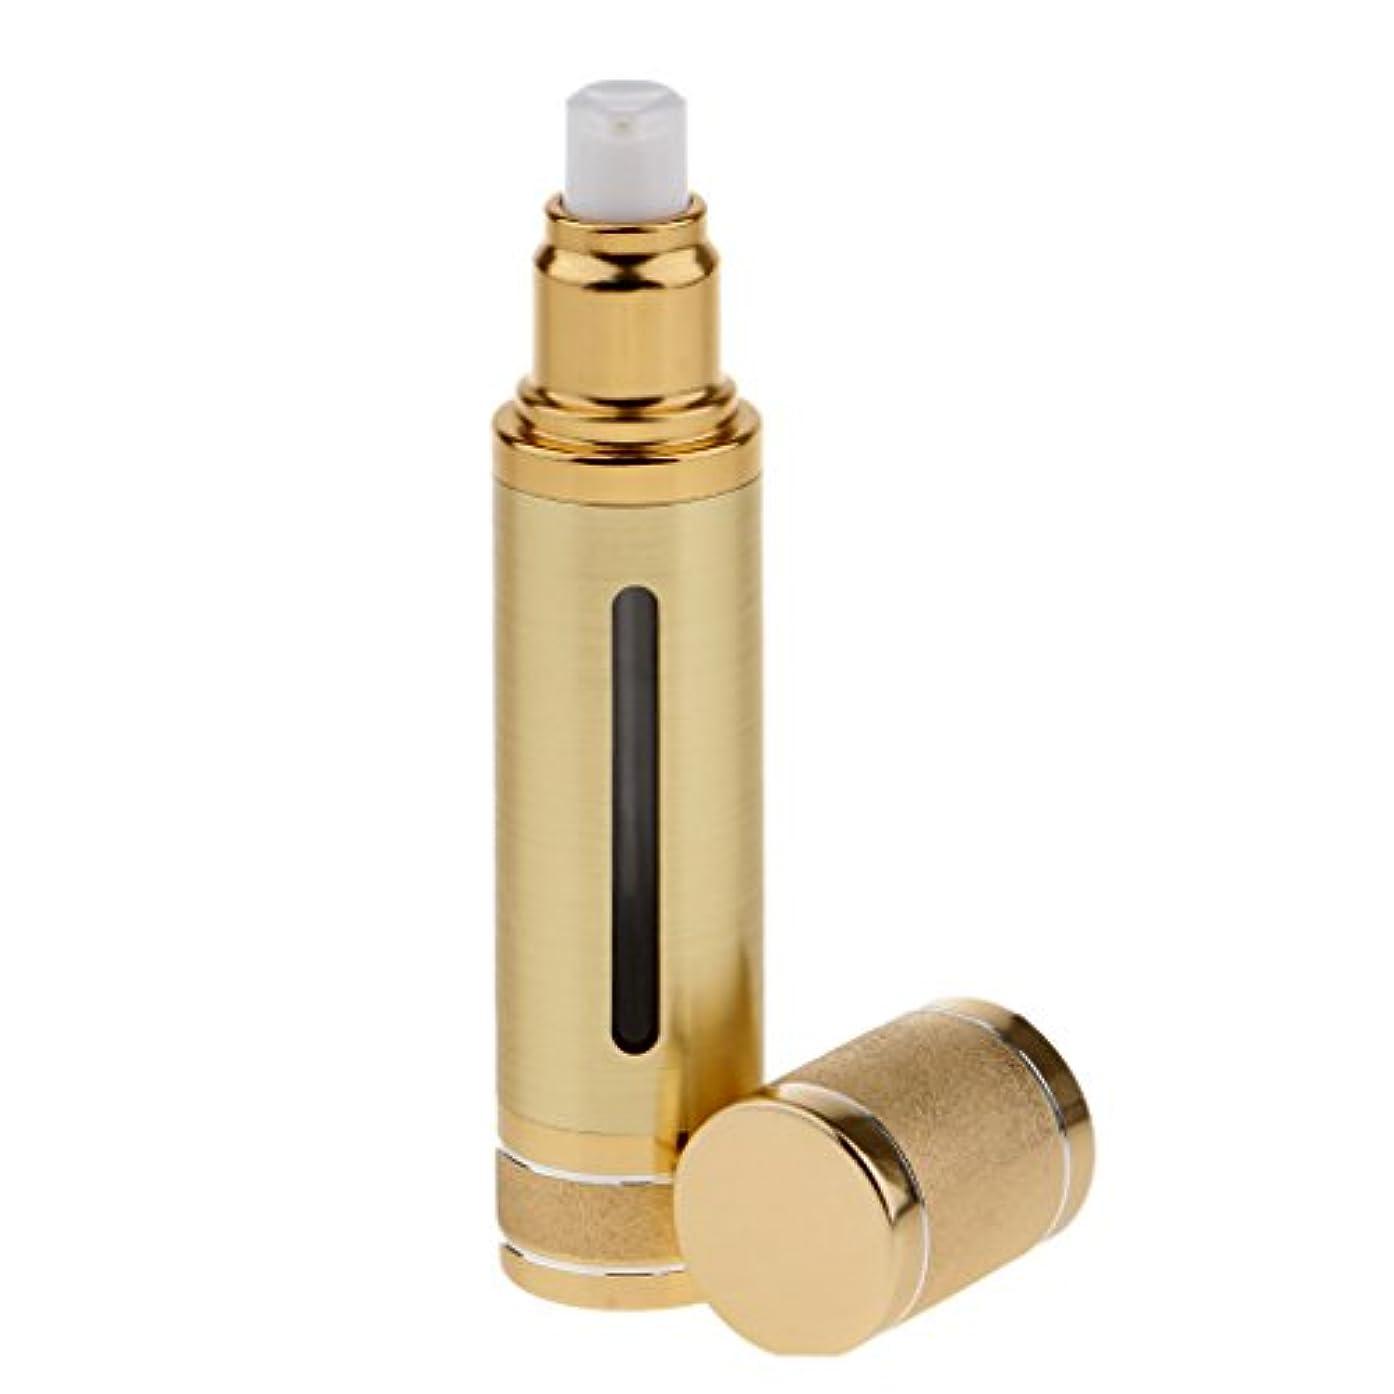 三十無法者プレゼントエアレスボトル 50ml エアレス ポンプボトル ローション クリーム 化粧品 詰め替え可 容器 2色選べる - ゴールド